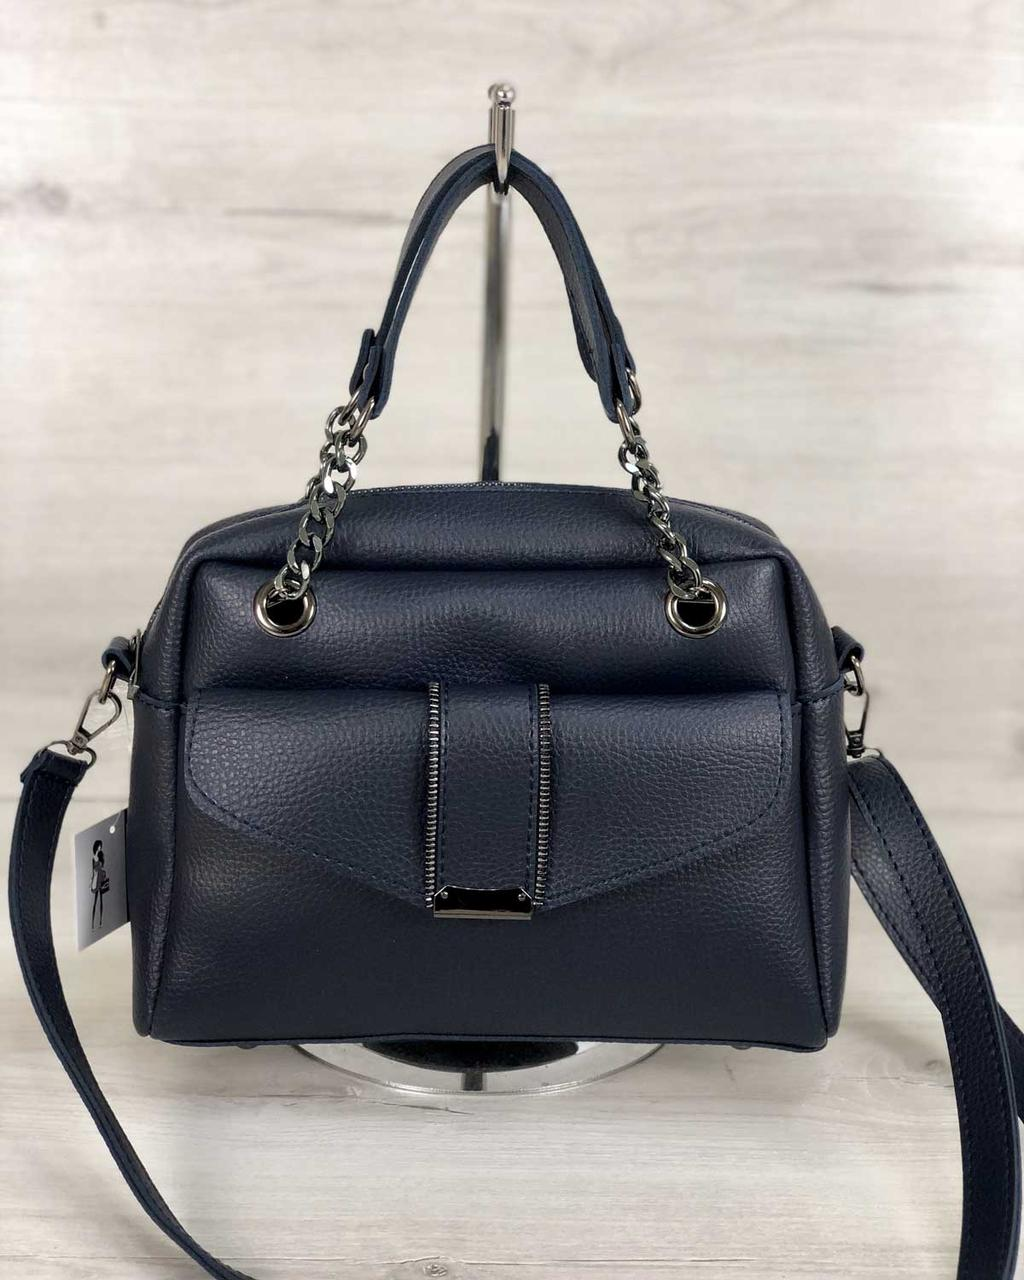 Жіноча сумка темно-синя молодіжна на плечовому ремені